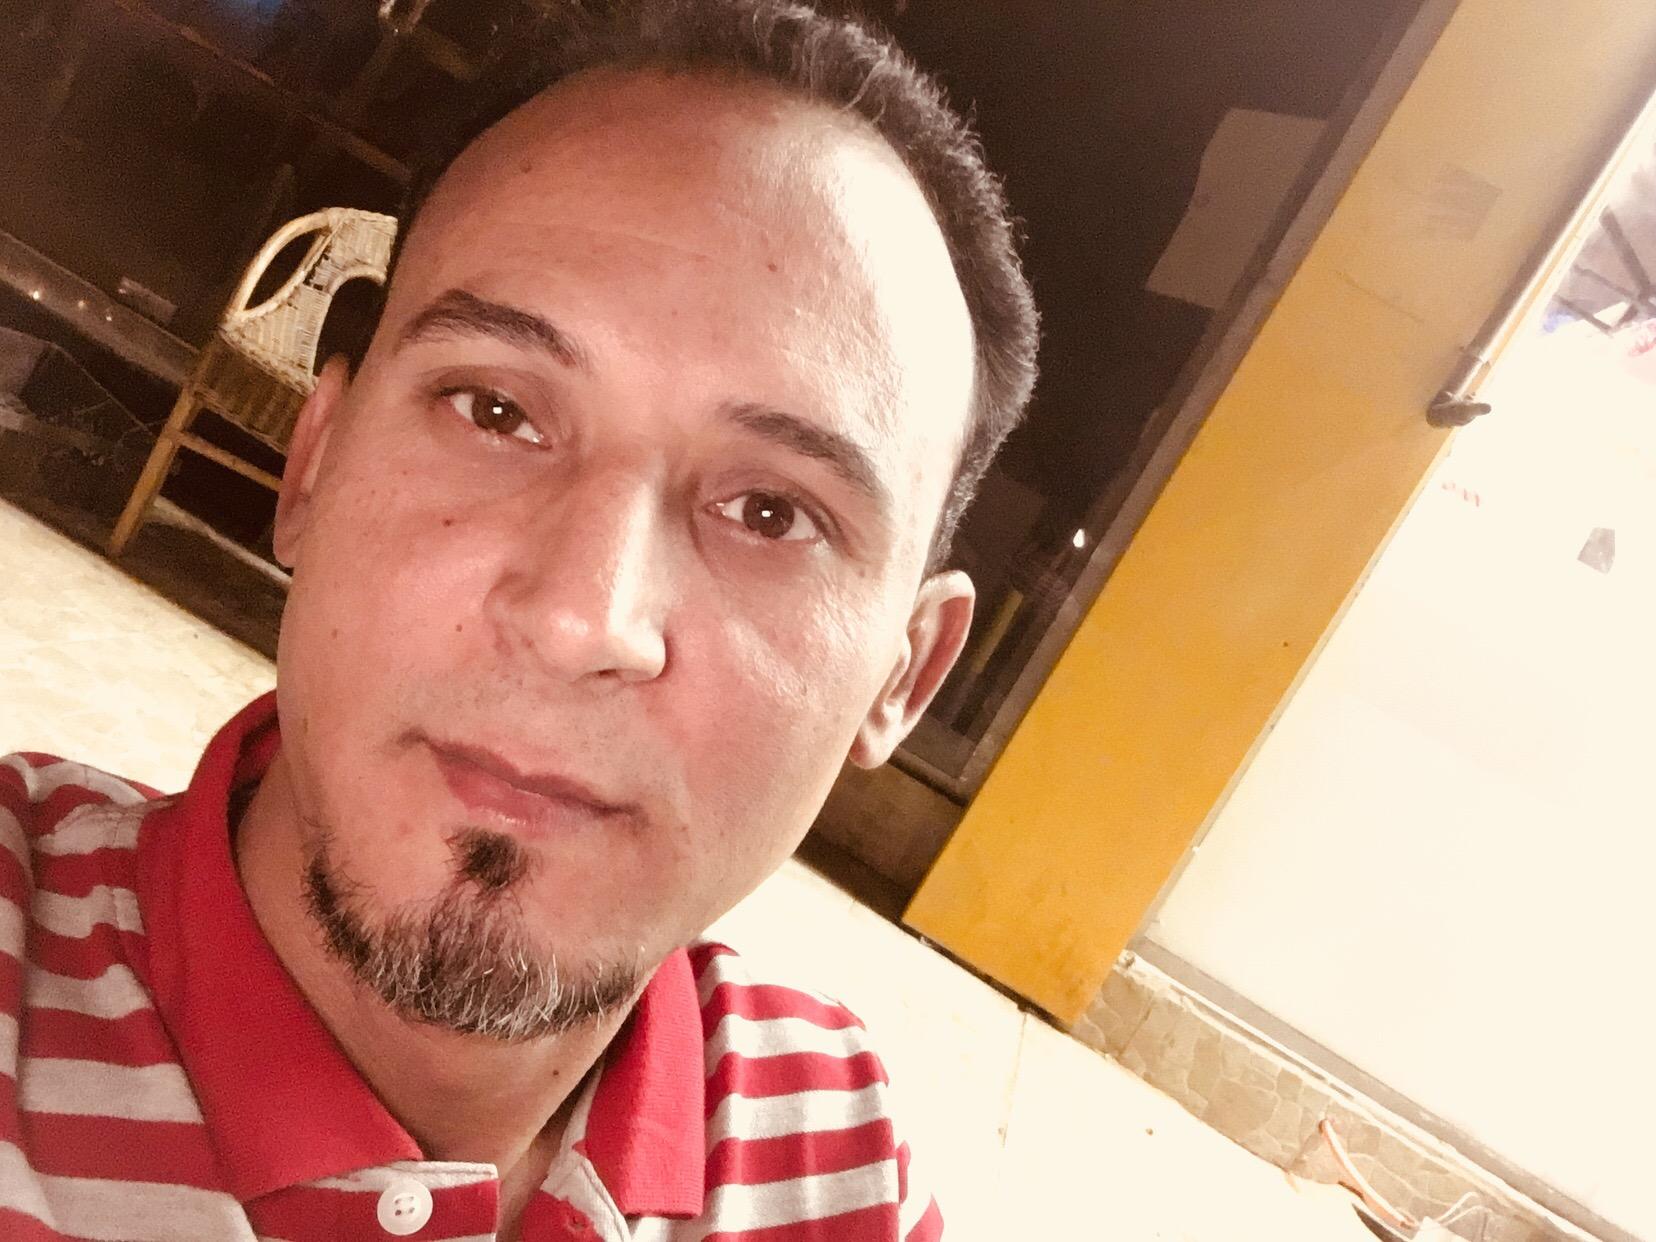 محمد عبدربه profile picture